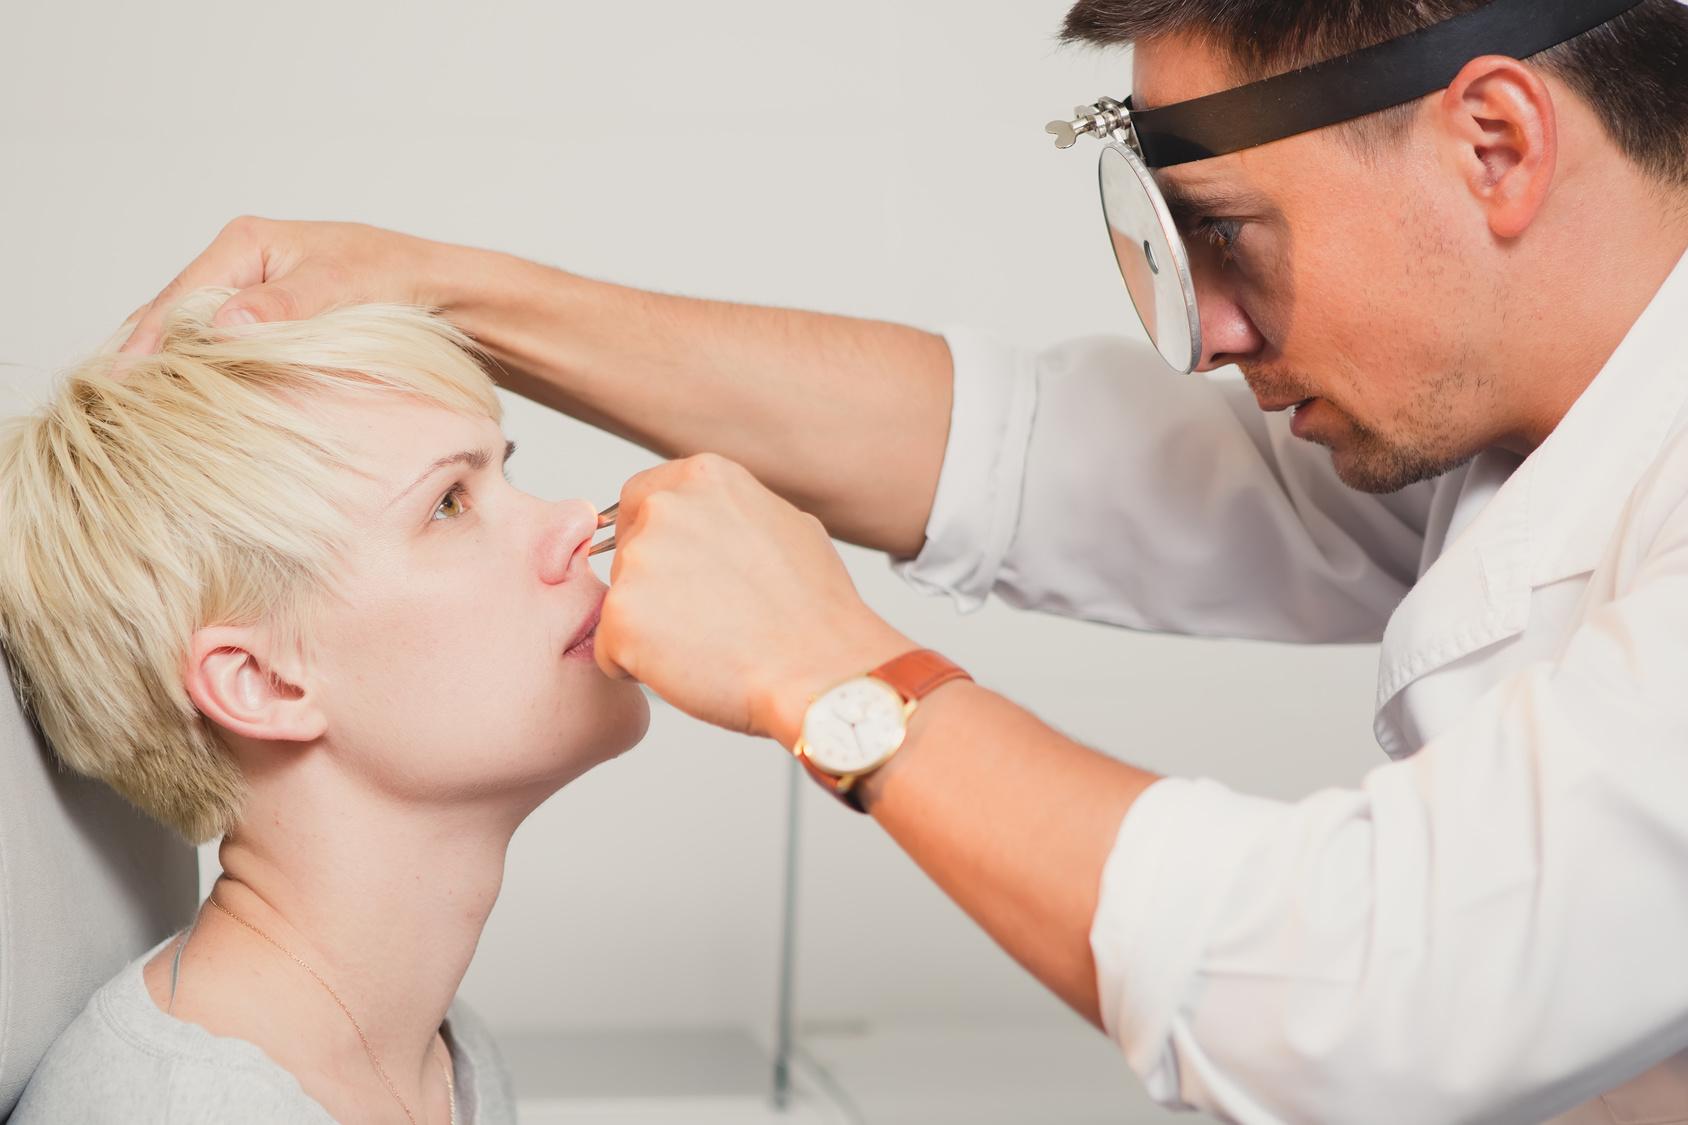 慢性副鼻腔炎の治療に有効なマクロライド療法とは